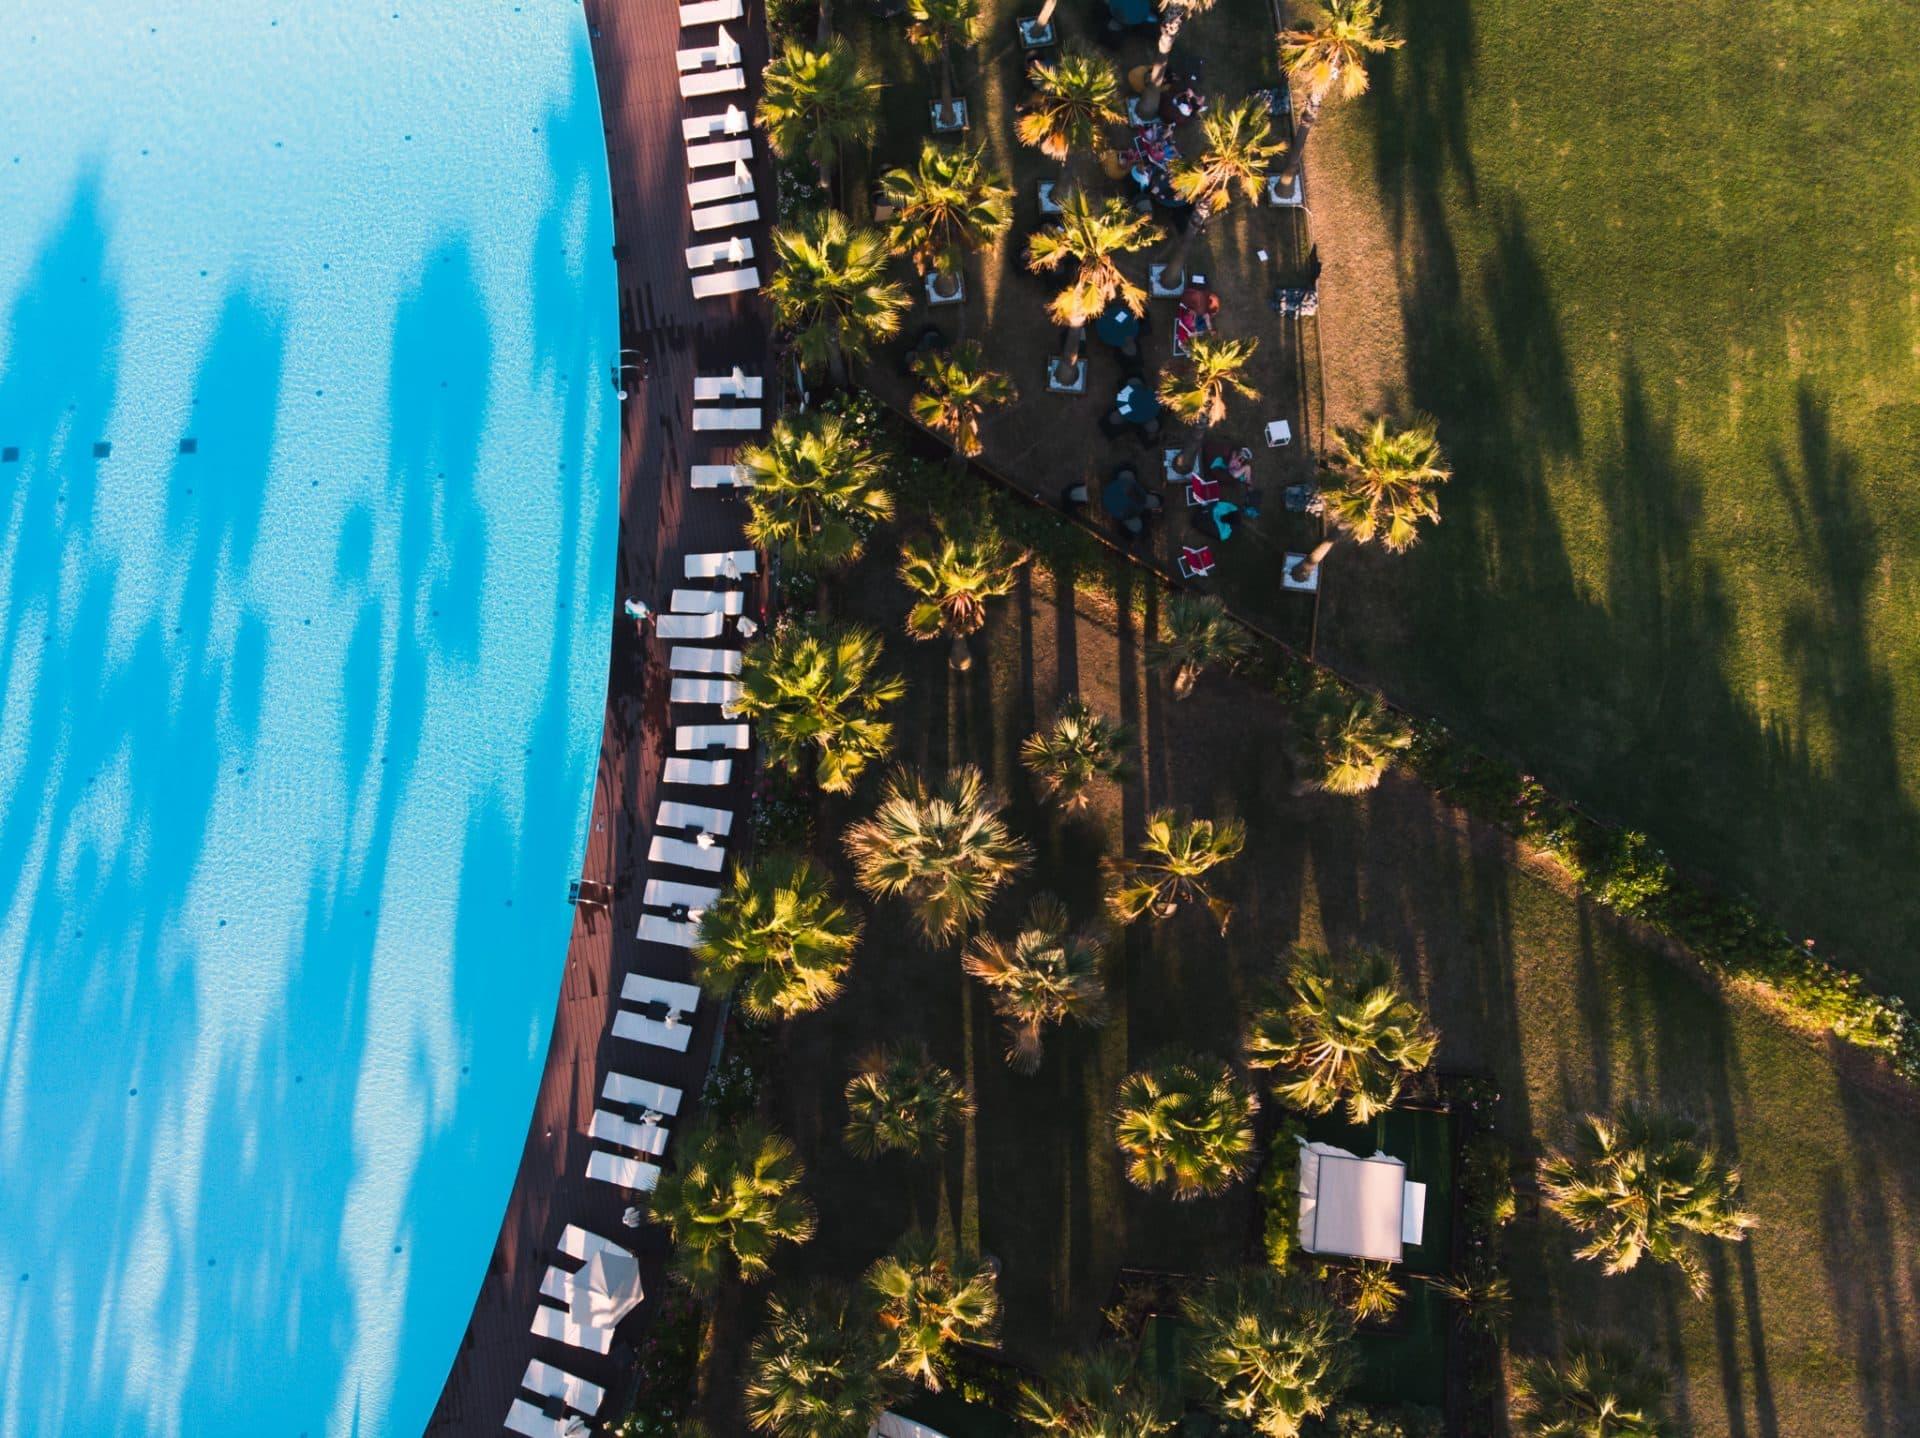 resort-VidaMar-hotels-resort-algarve-2